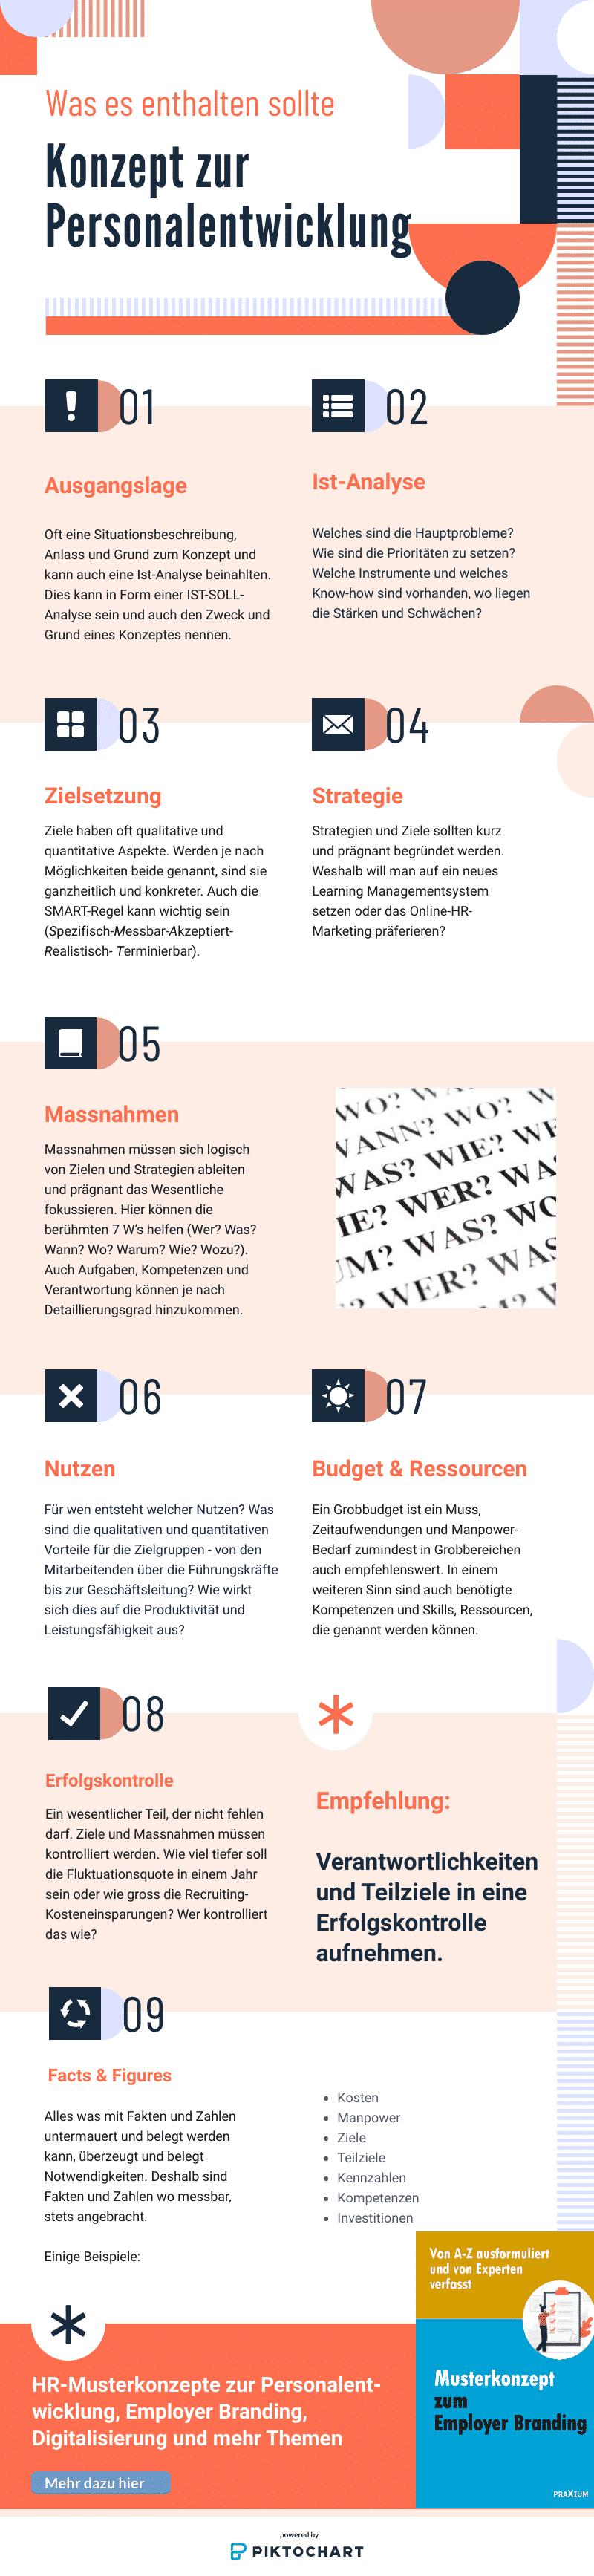 Infografik Personalentwicklung Konzept